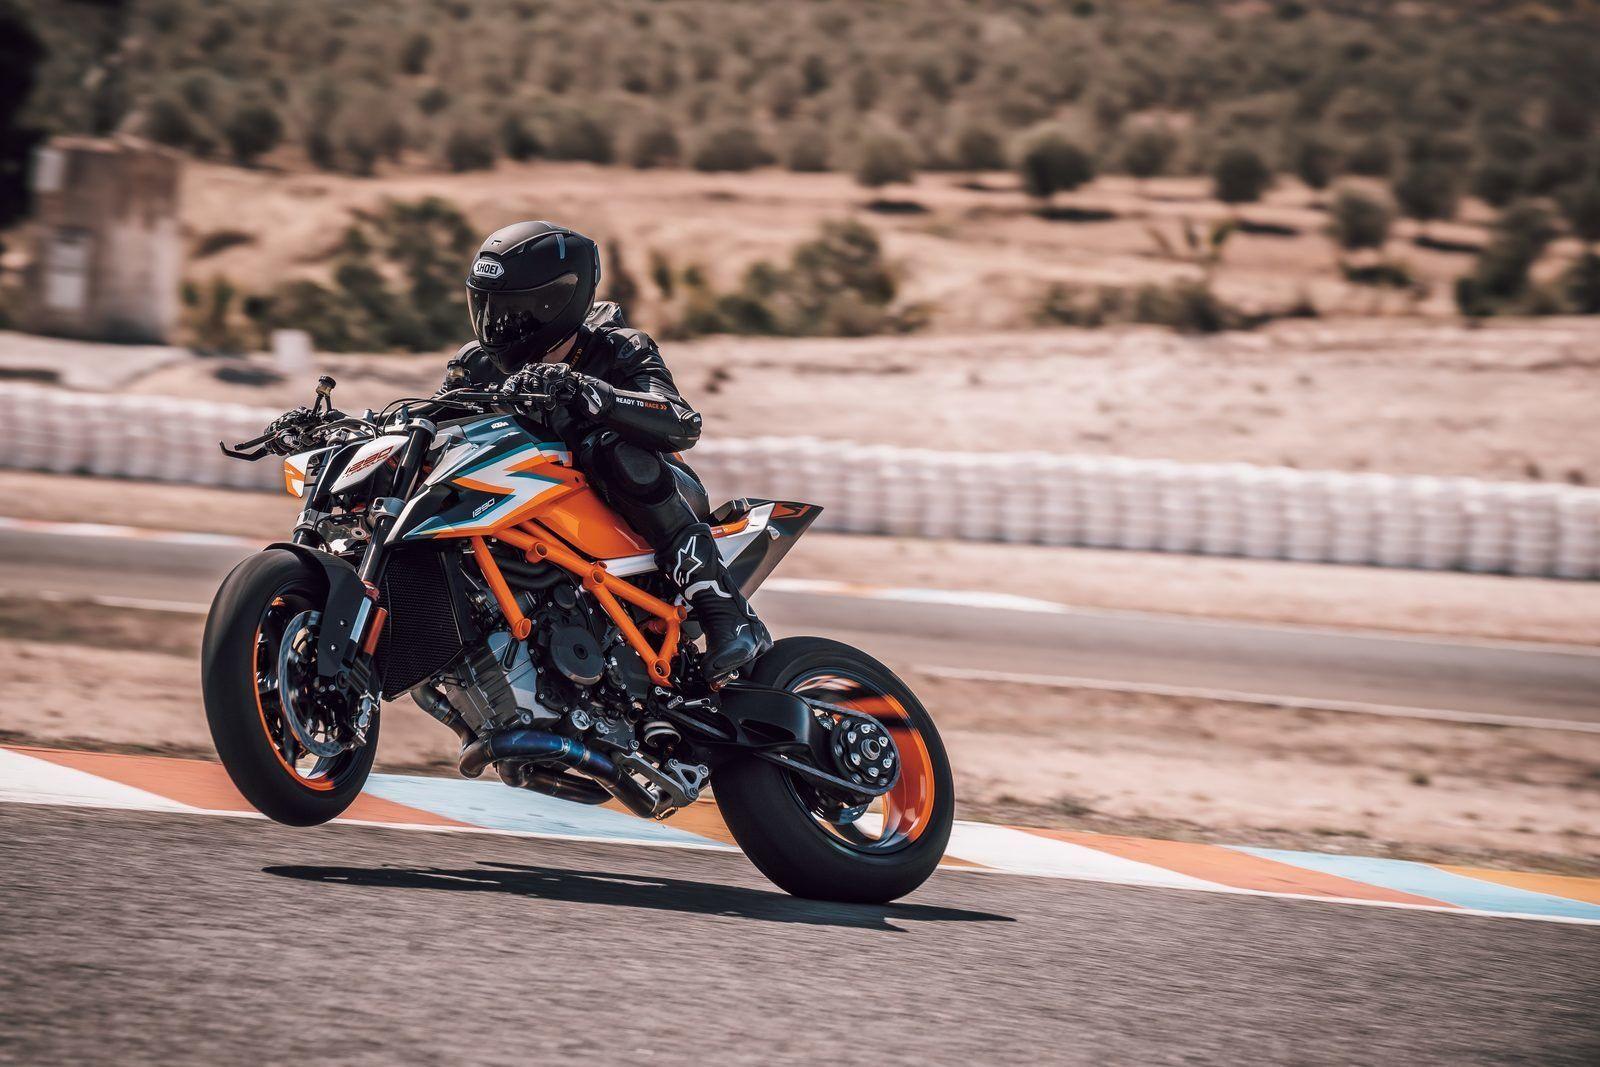 Pin By Rremag On Bikes Ktm Ducati Monster 1200 Ktm Super Duke